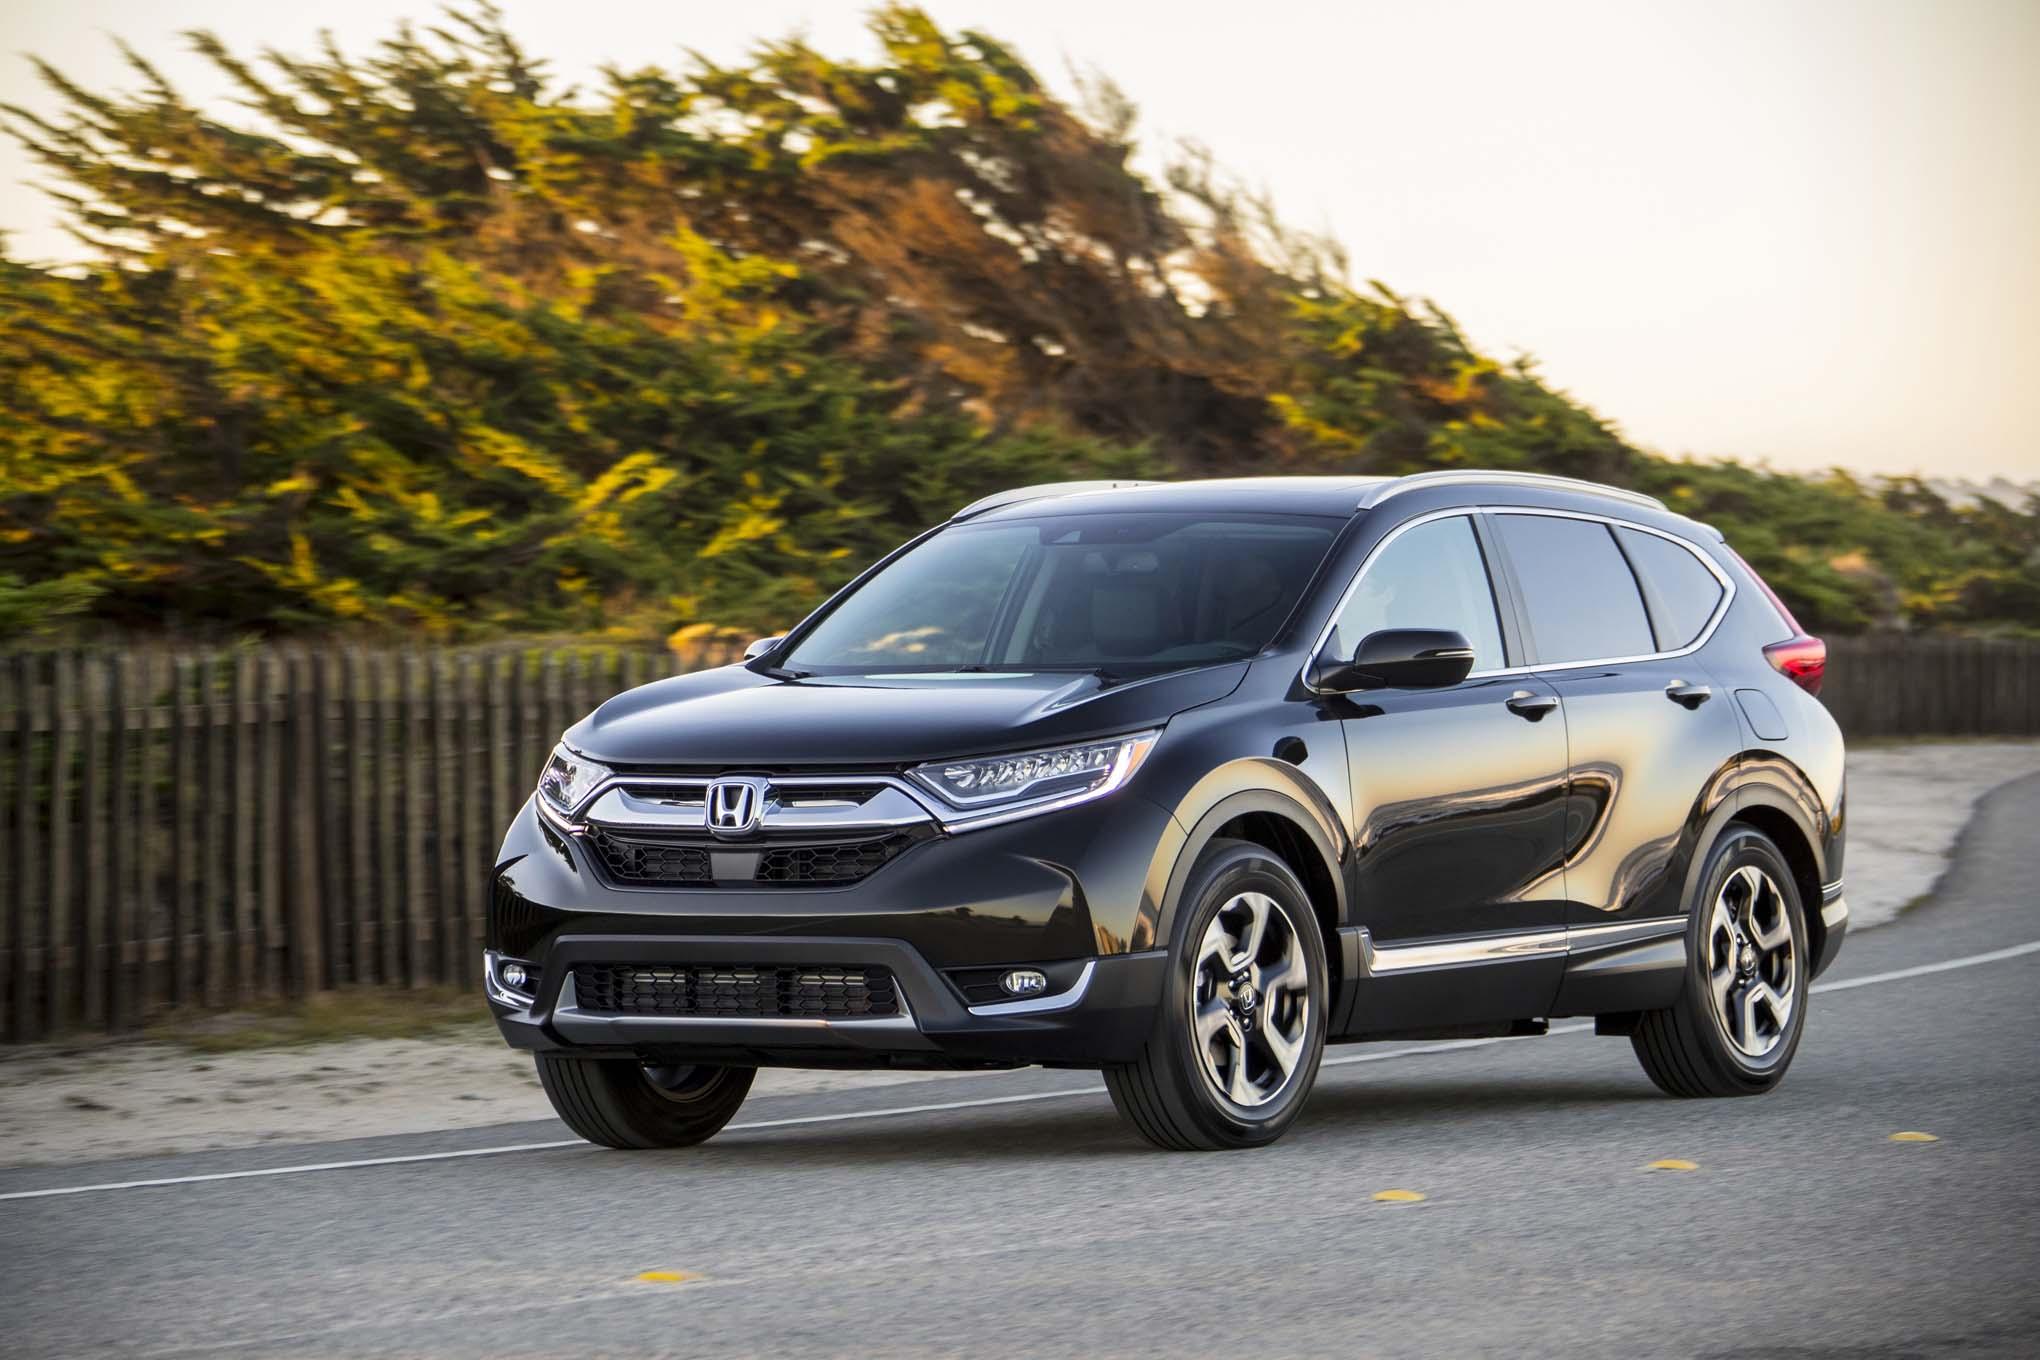 Crv 2017 Review >> 2017 Honda CR-V Touring First Drive Review | Automobile Magazine